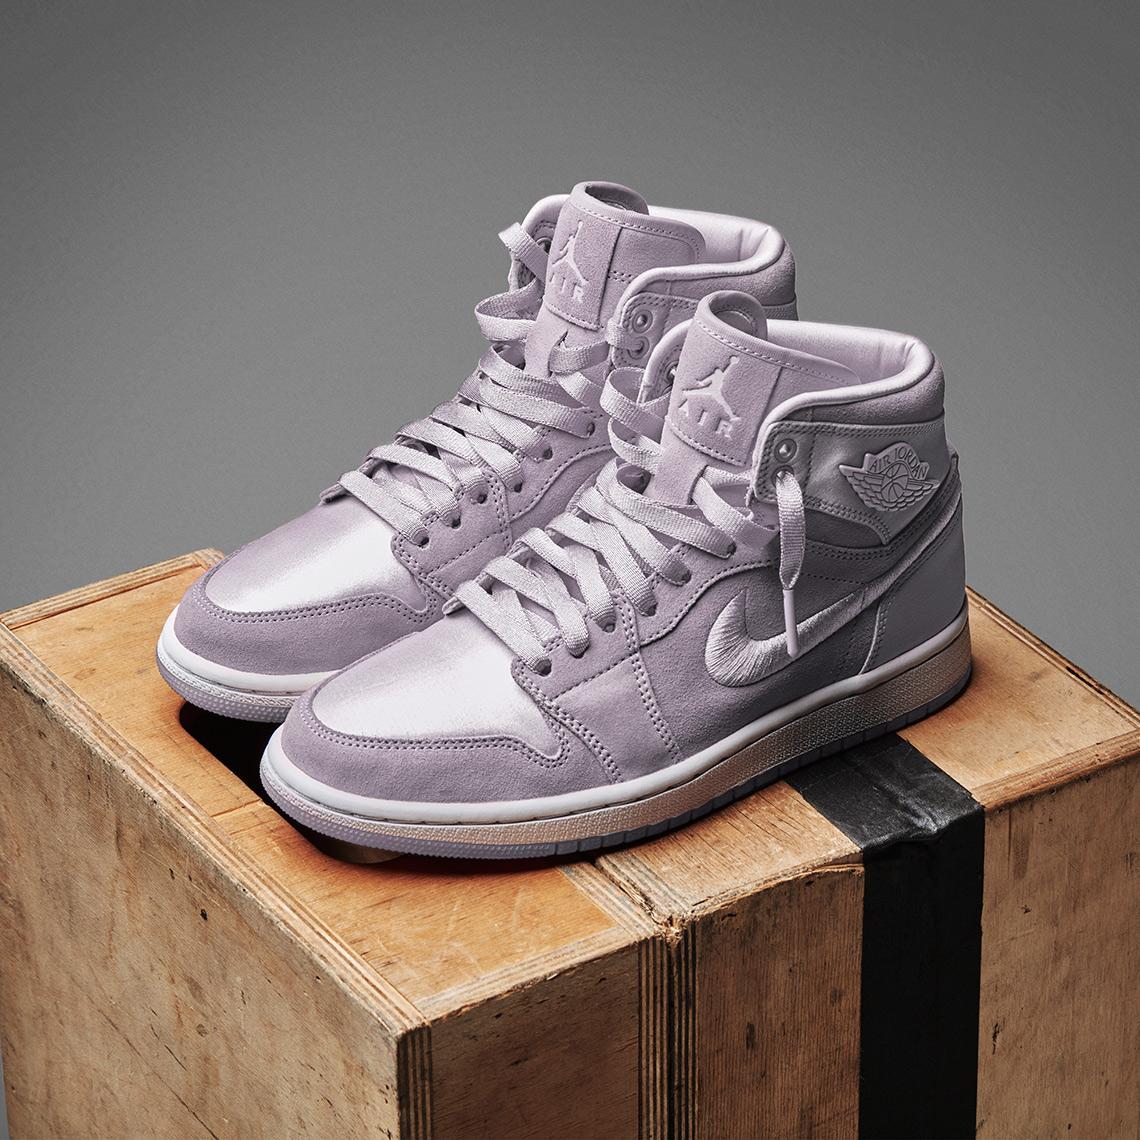 Air Jordan 1 SOH Pastel Pack